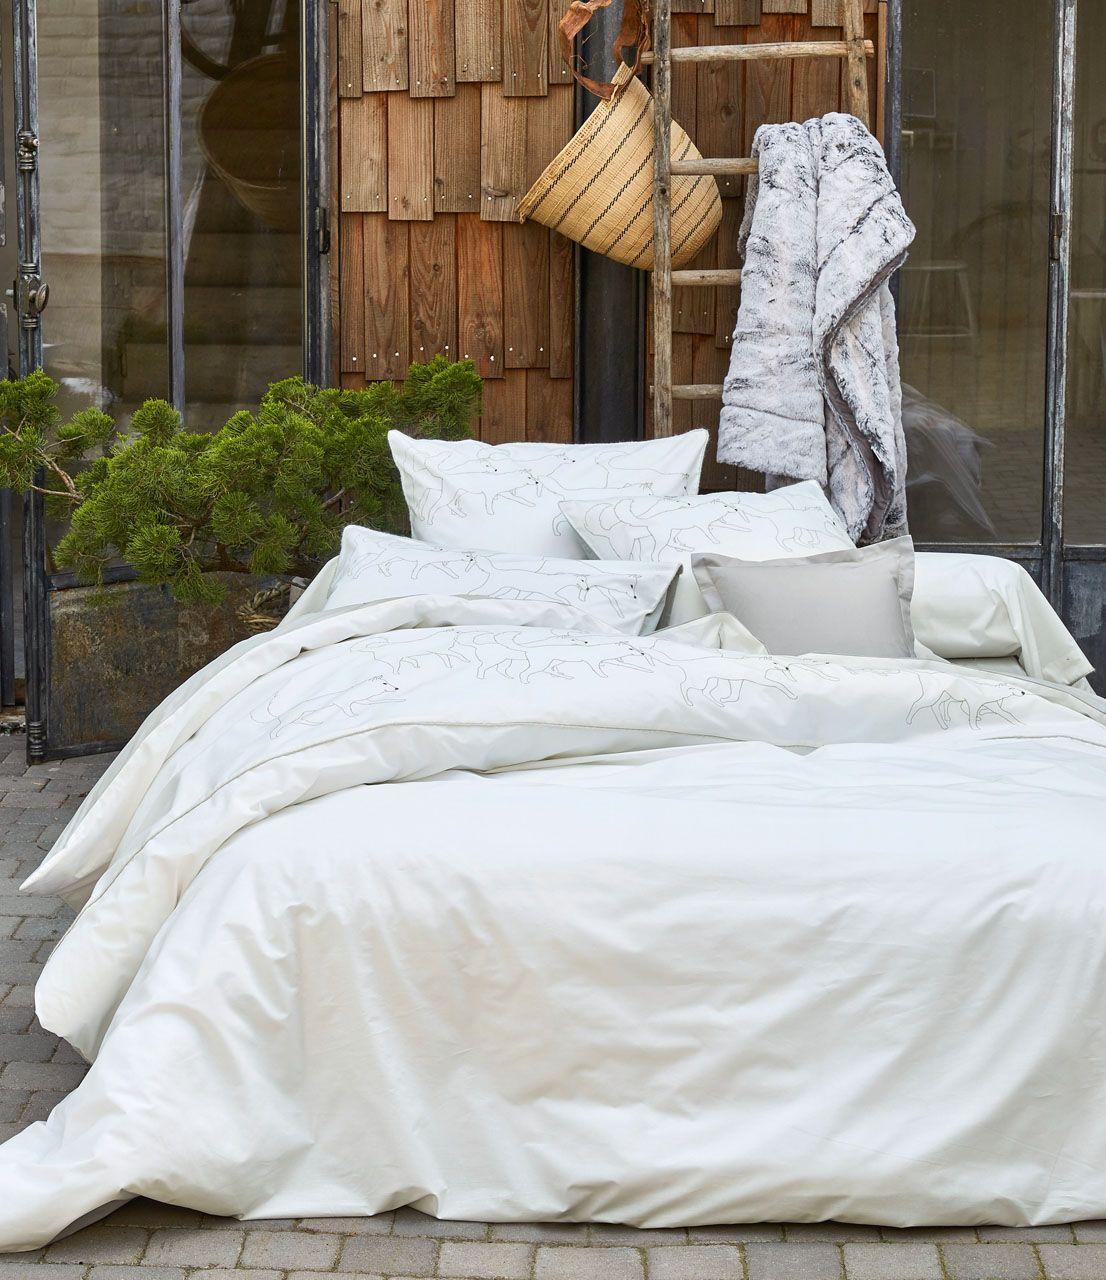 drap housse uni trappeur gris glacier percale 90x190 sylvie thiriez. Black Bedroom Furniture Sets. Home Design Ideas